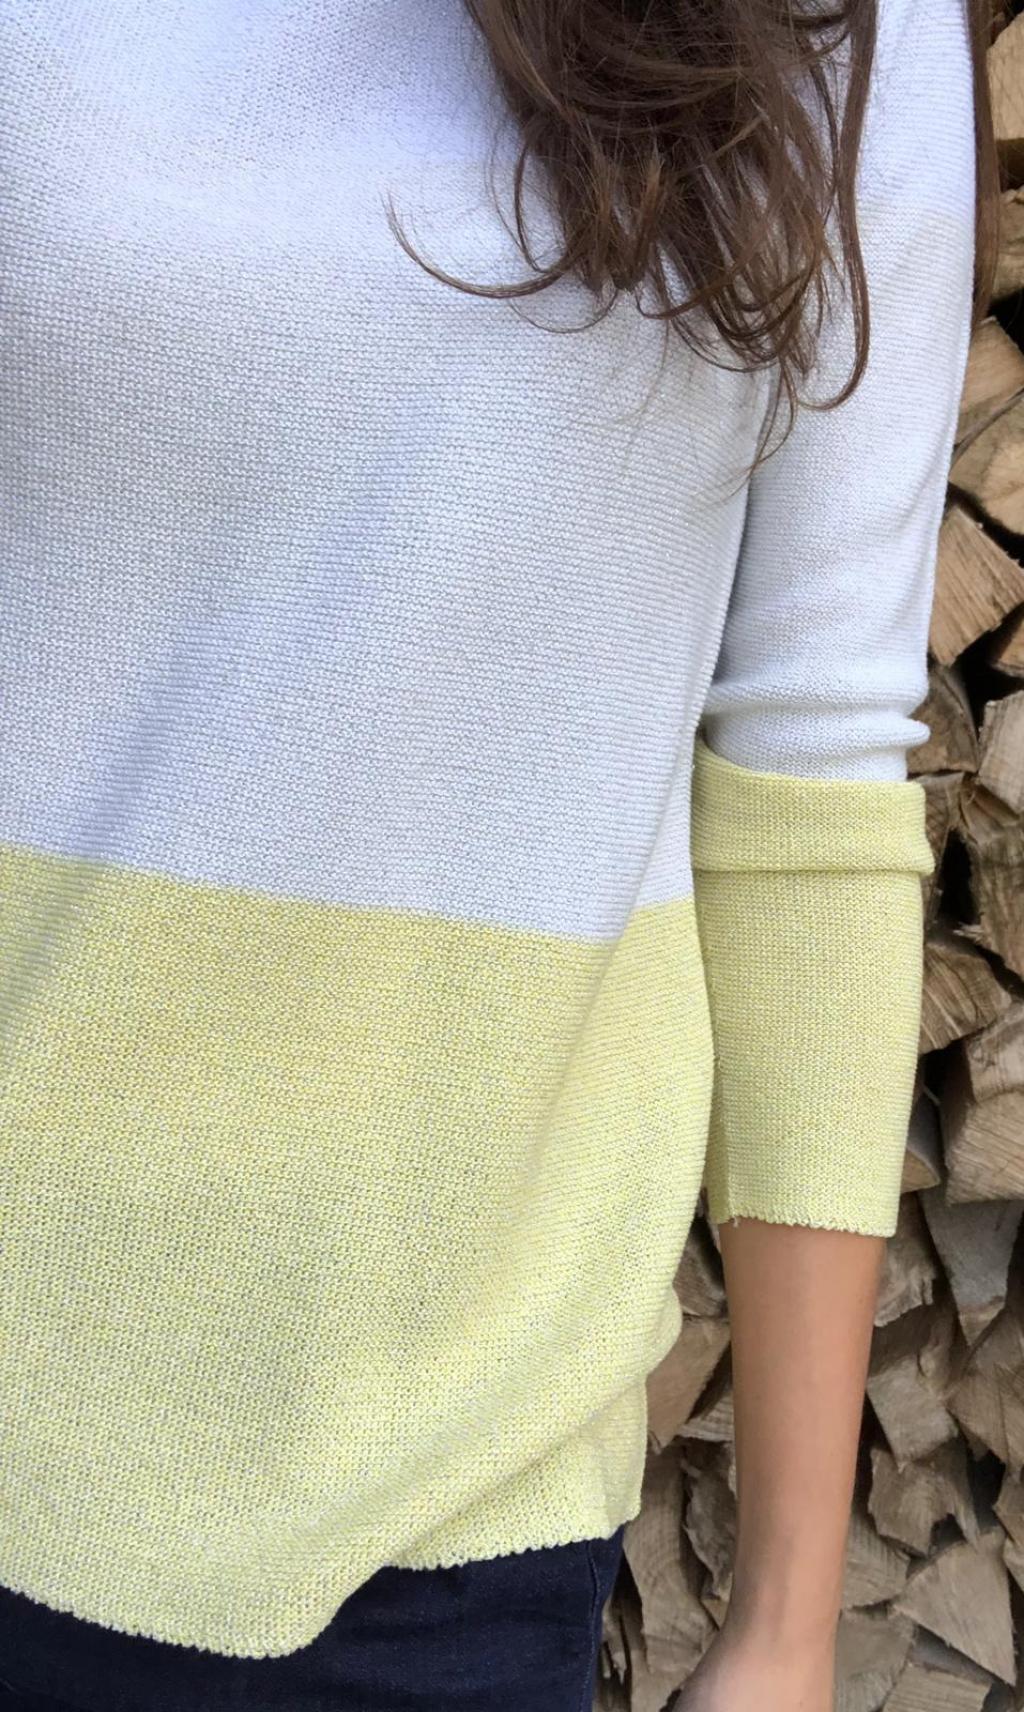 Maglia mod. S. 2115136, donna. Scollo a barchetta, bicolore.